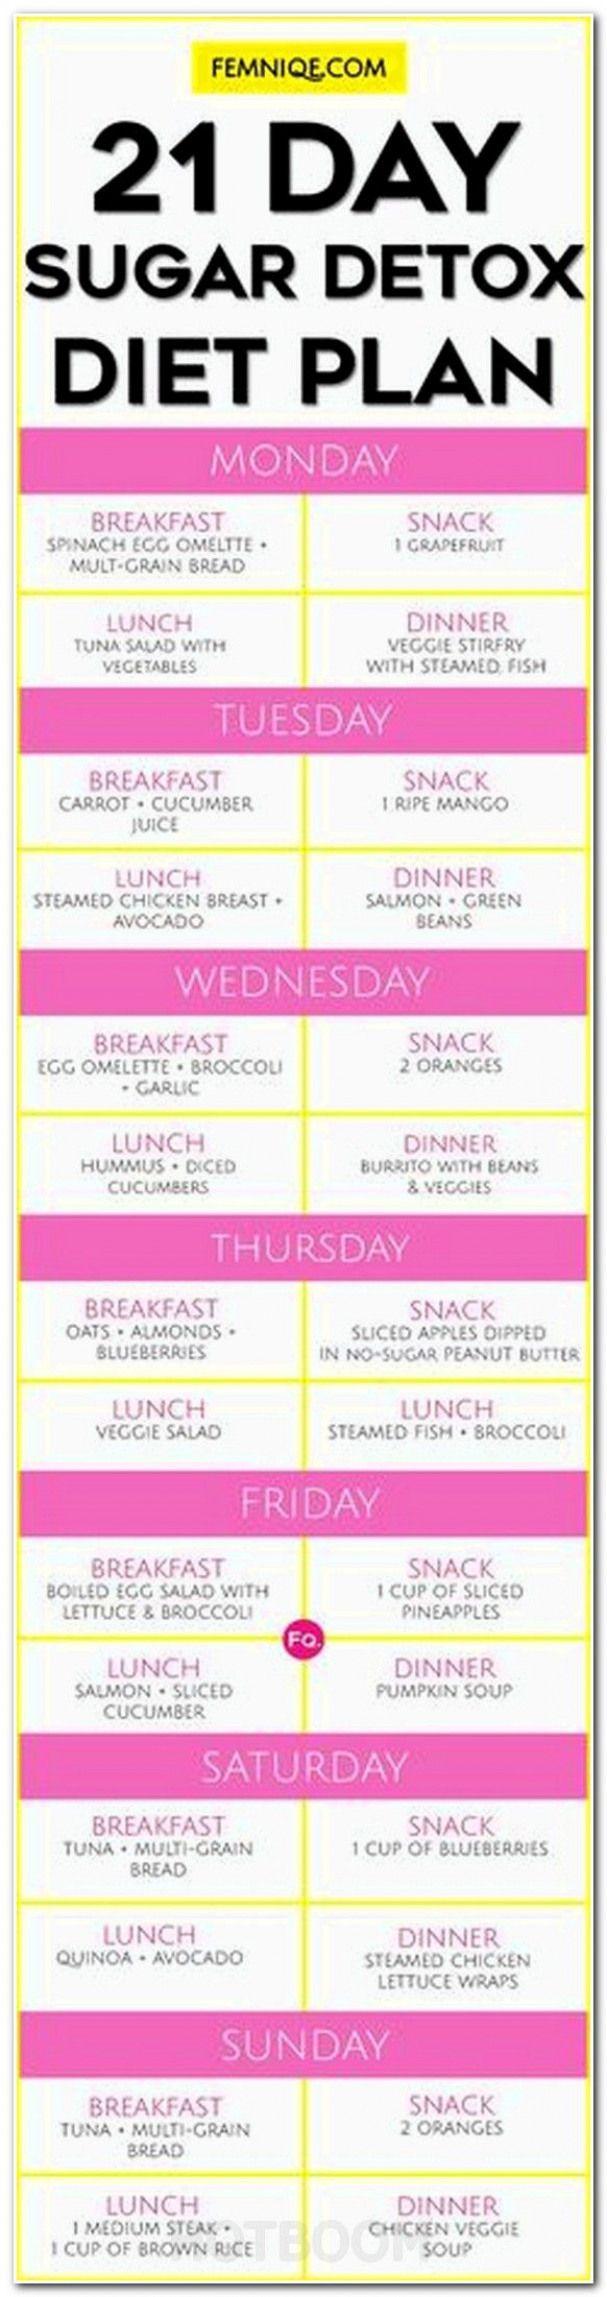 Toning Diet Plan 50 Year Old Man Diet Best Eating Plans Avis Sur Women S Best Best Way To Get Lean Fast Sugar Detox Diet Stop Sugar Cravings 21 Day Sugar Detox